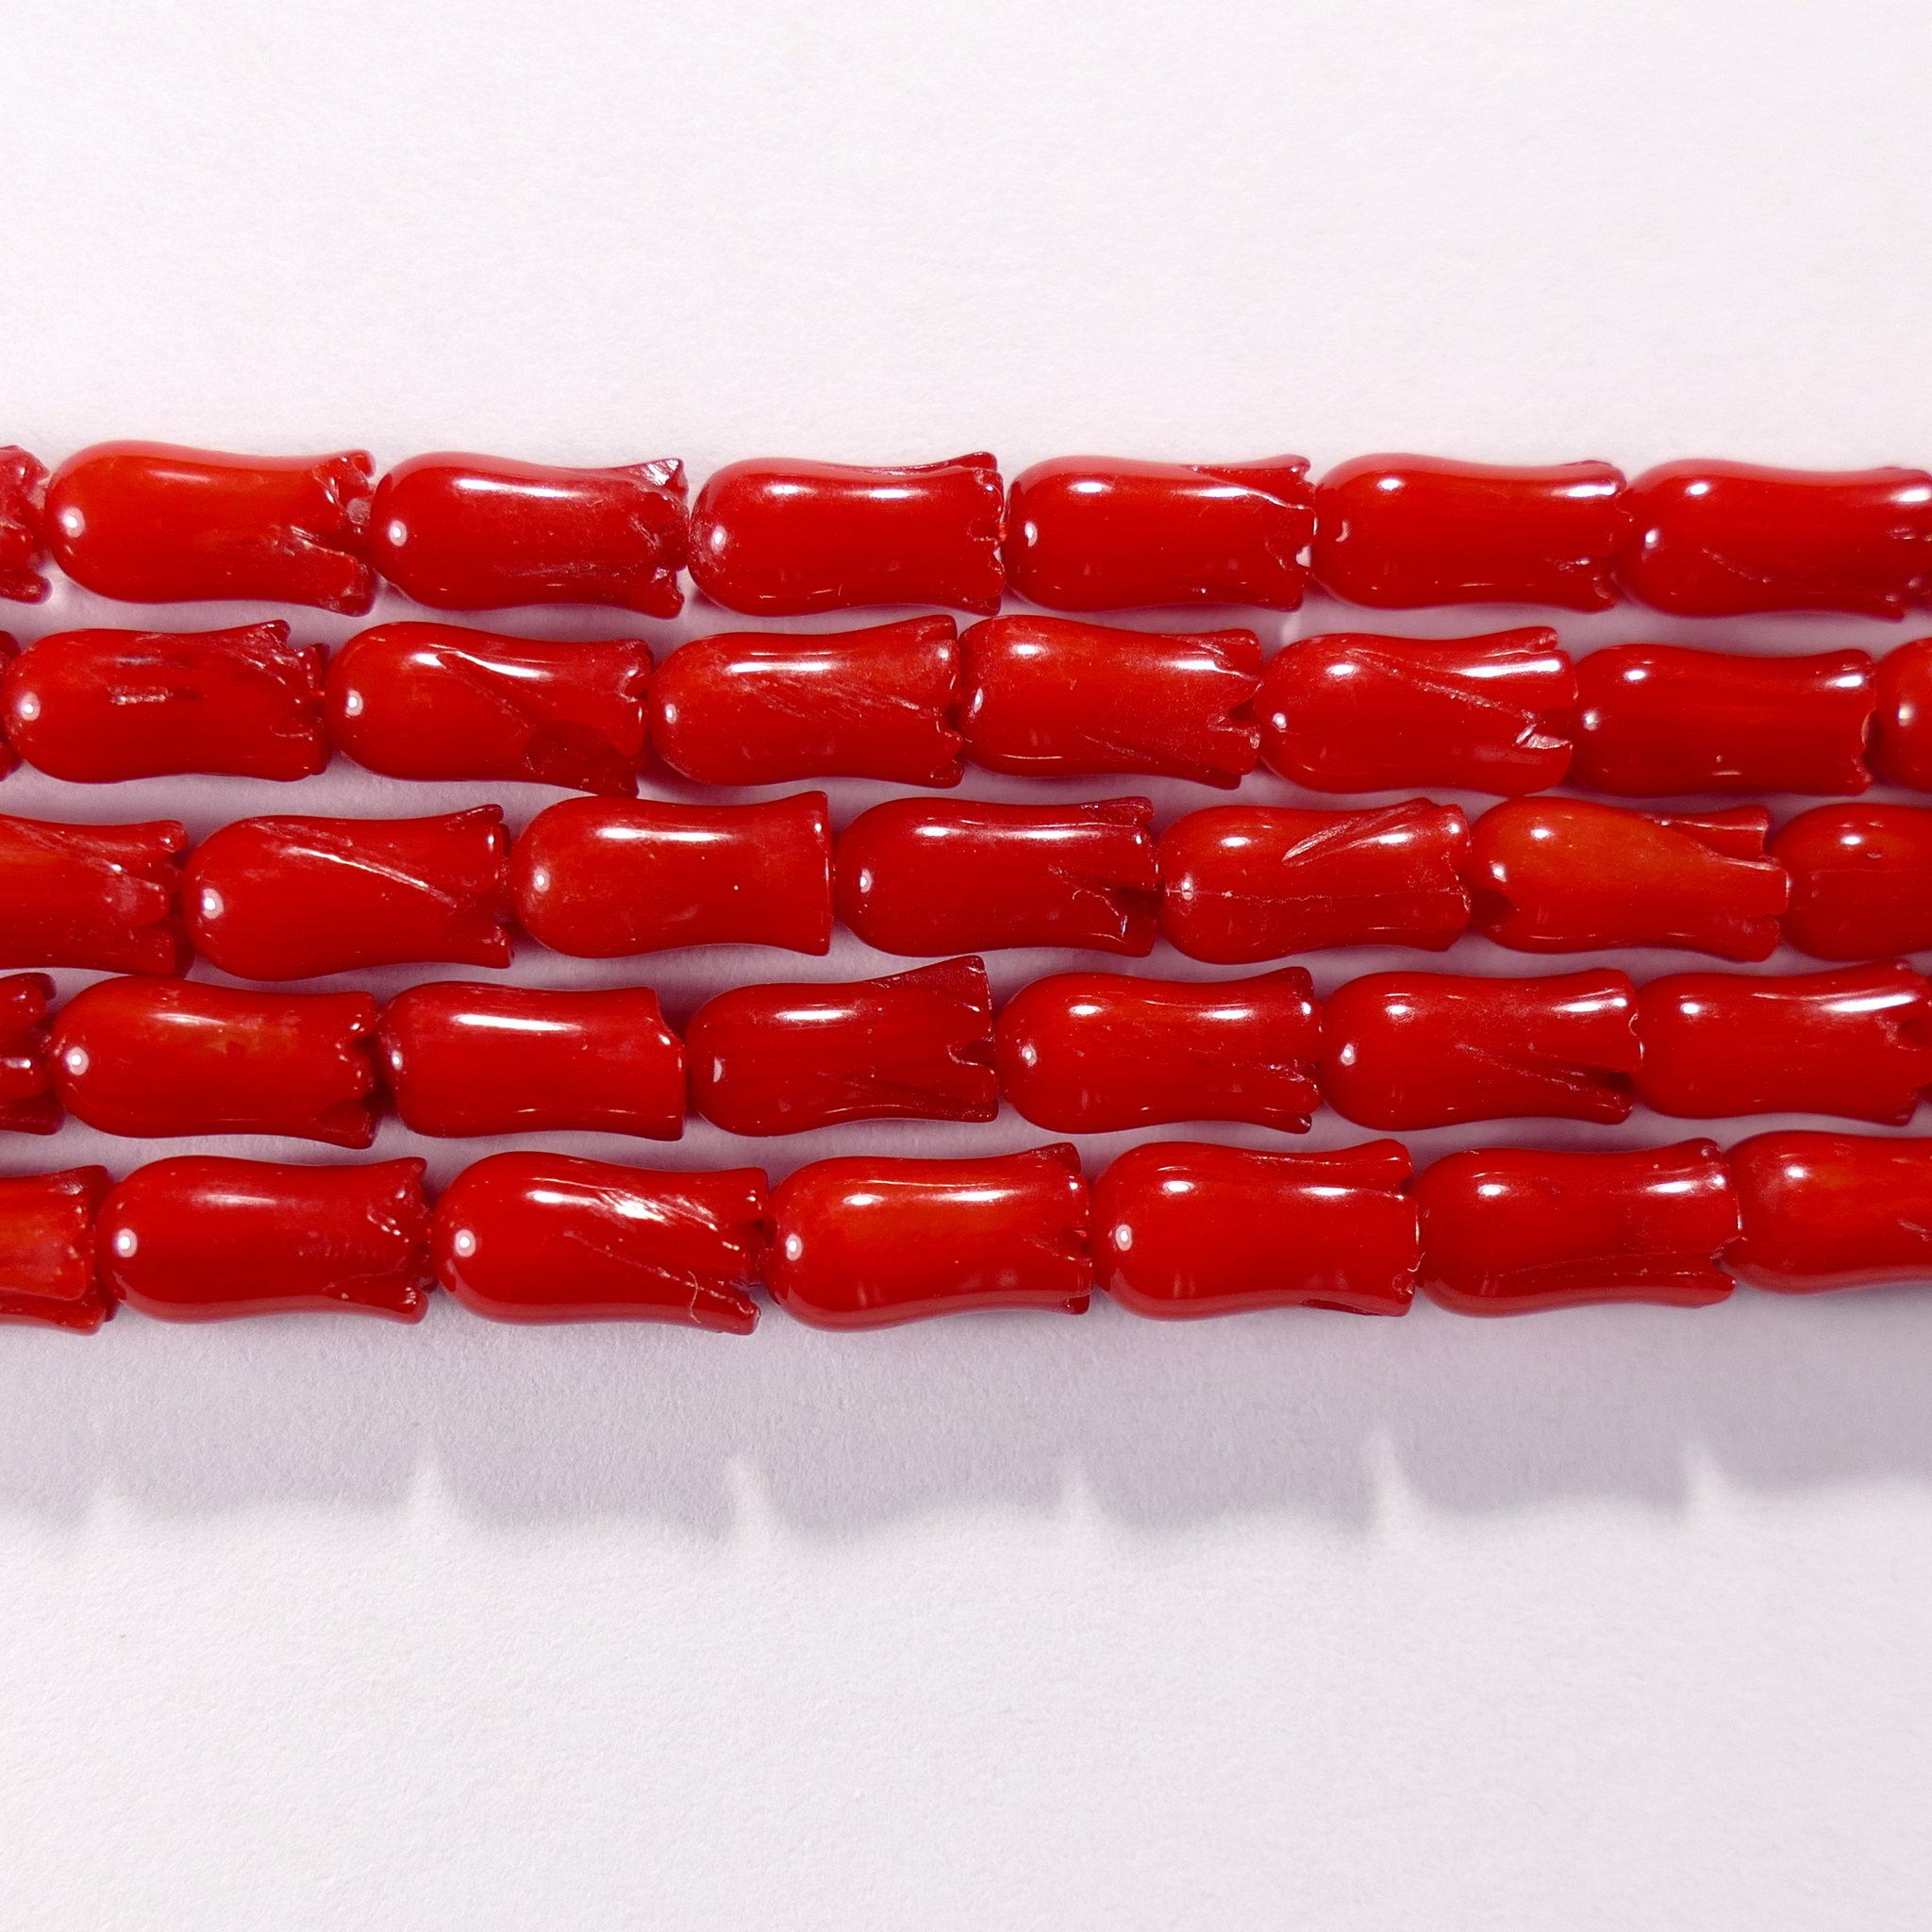 Нить бусин из коралла красного, облагороженного, фигурные, 4x8 мм (цилиндр-тюльпан, гладкая)